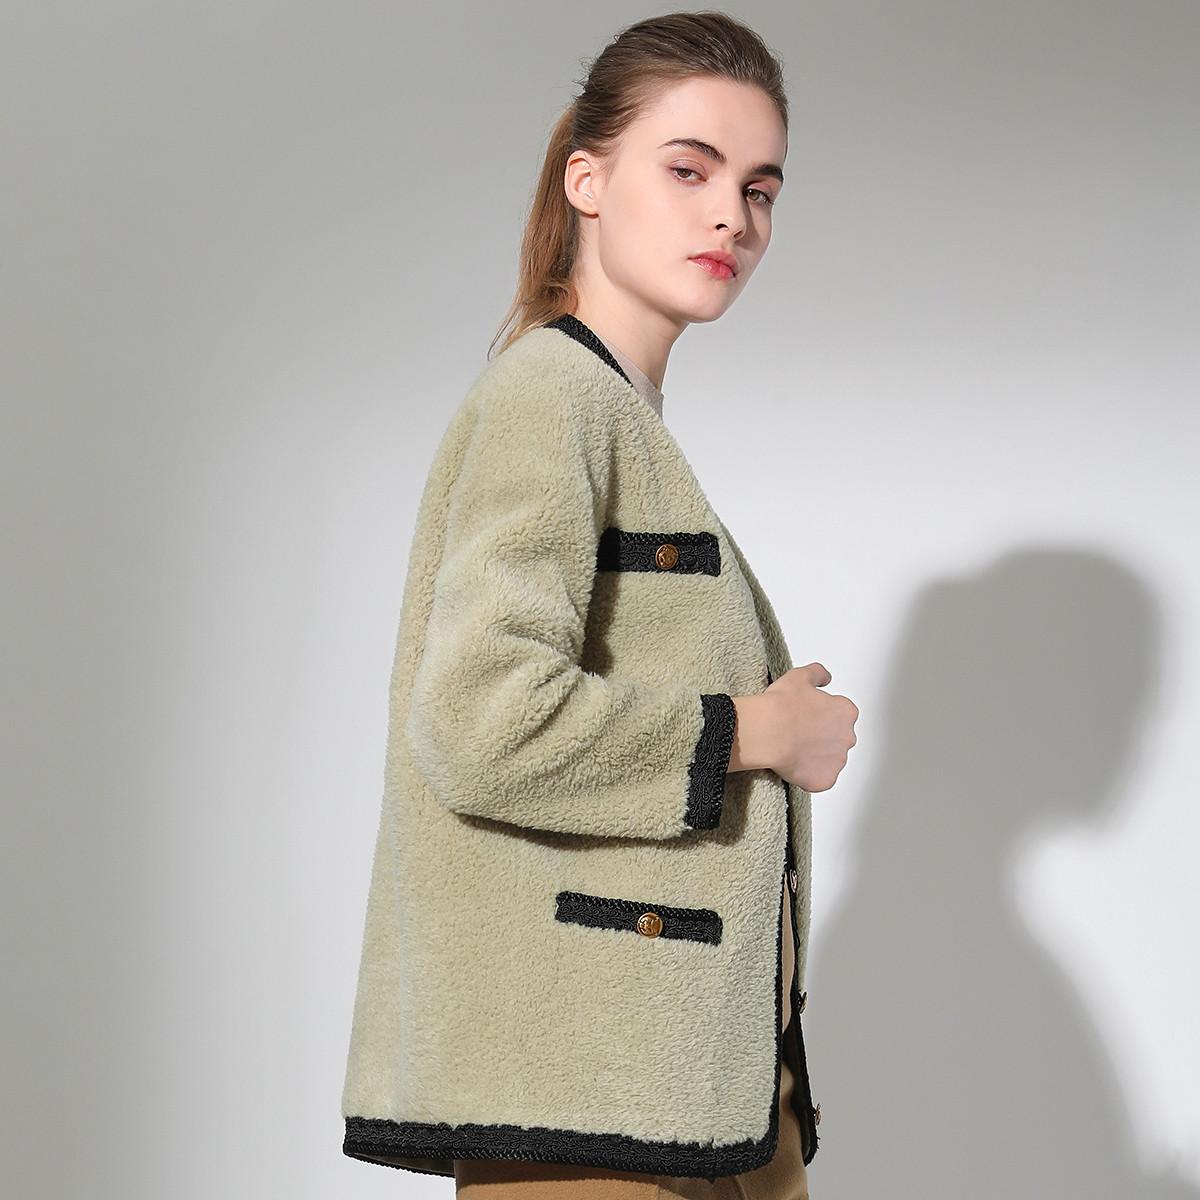 今典今典简洁单排扣小V领羊毛颗粒绒女式皮草外套597239401